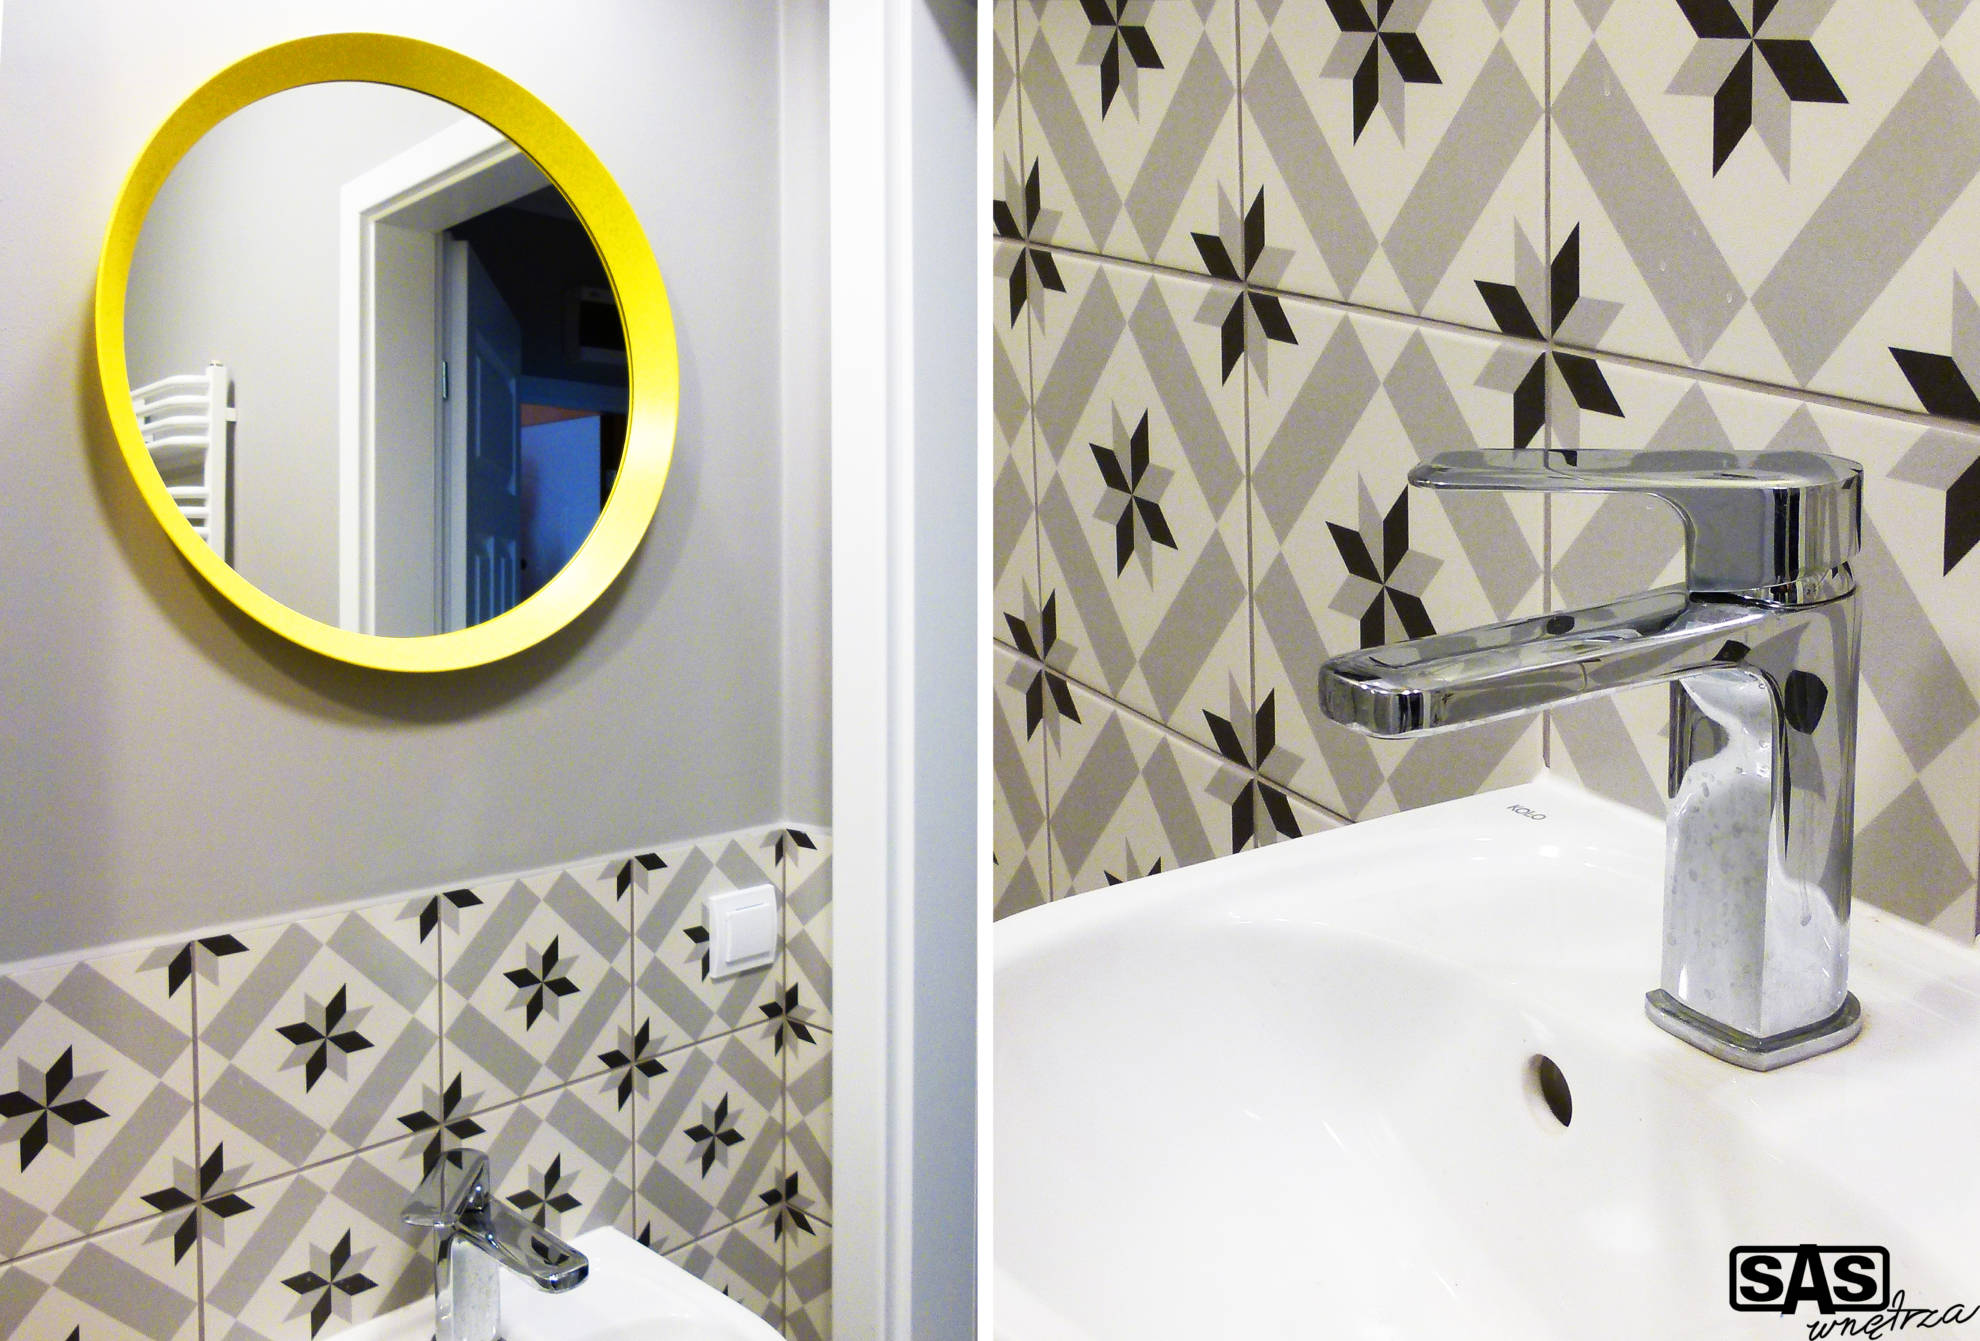 Aranżacja łazienki w mieszkaniu na wynajem - projekt architekt wnętrz Emilia Strzempek Plasun.